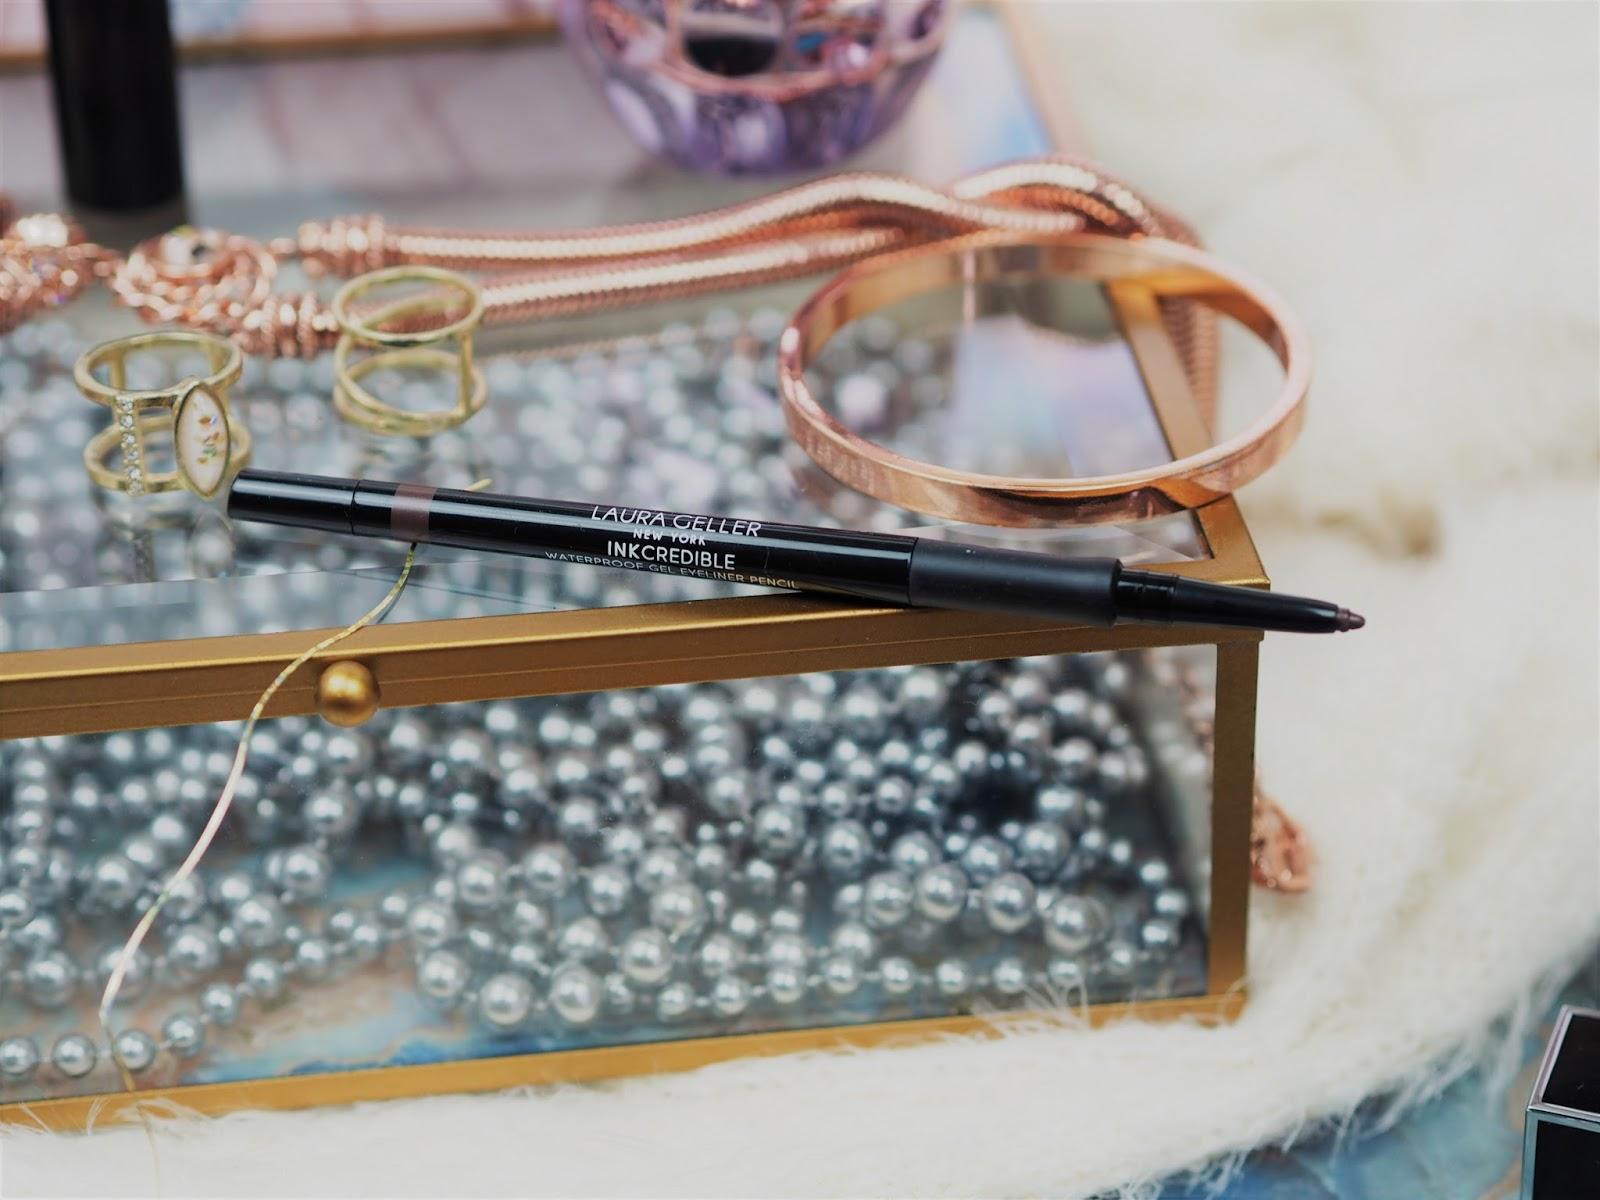 Laura Geller Inkcredible Waterproof Gel Eyeliner